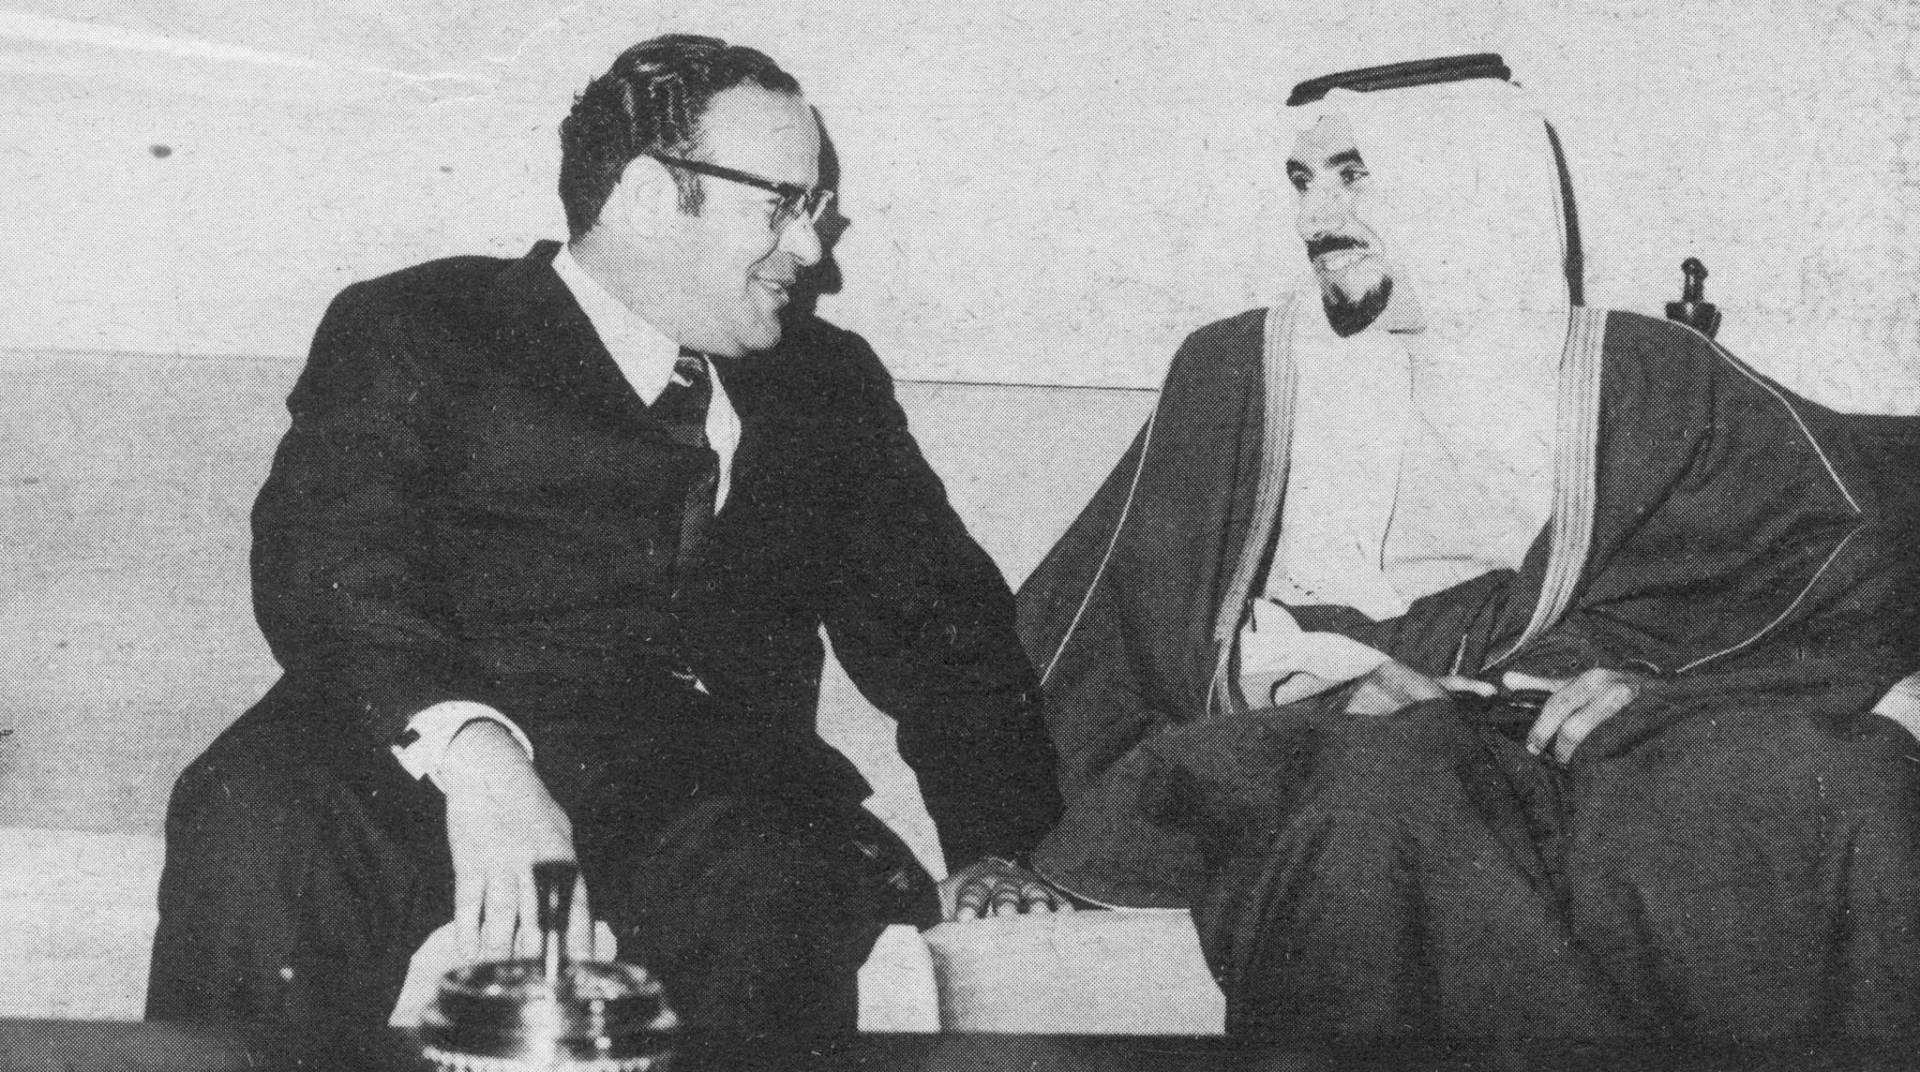 الشيخ جابر الأحمد في حديث لدى وصول رئيس الوزراء اليمني الدكتور محسن العيني